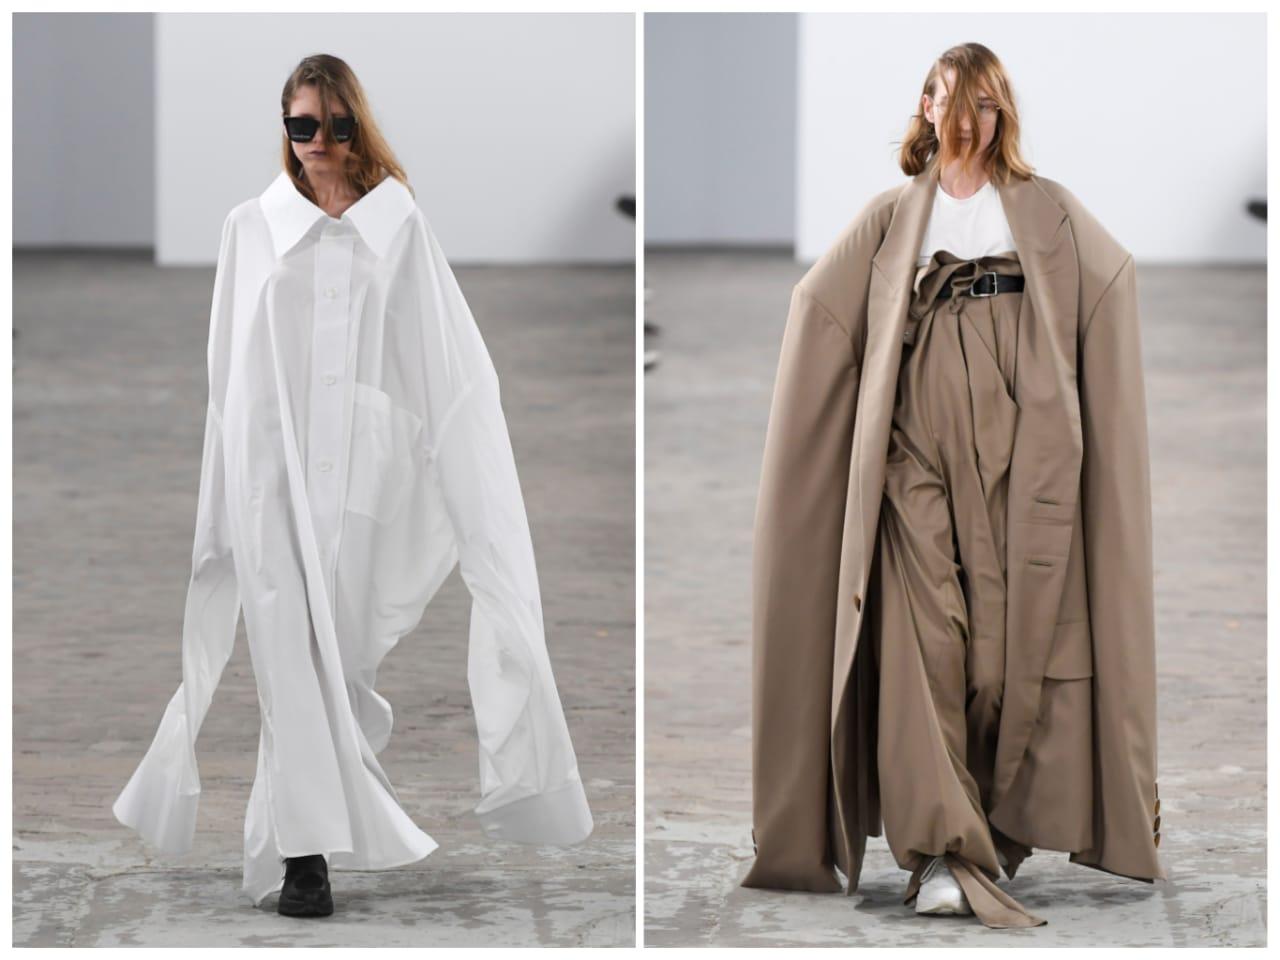 عرض  أزياء بالمحاليل في أول عروض أسبوع الموضة في باريس (1)